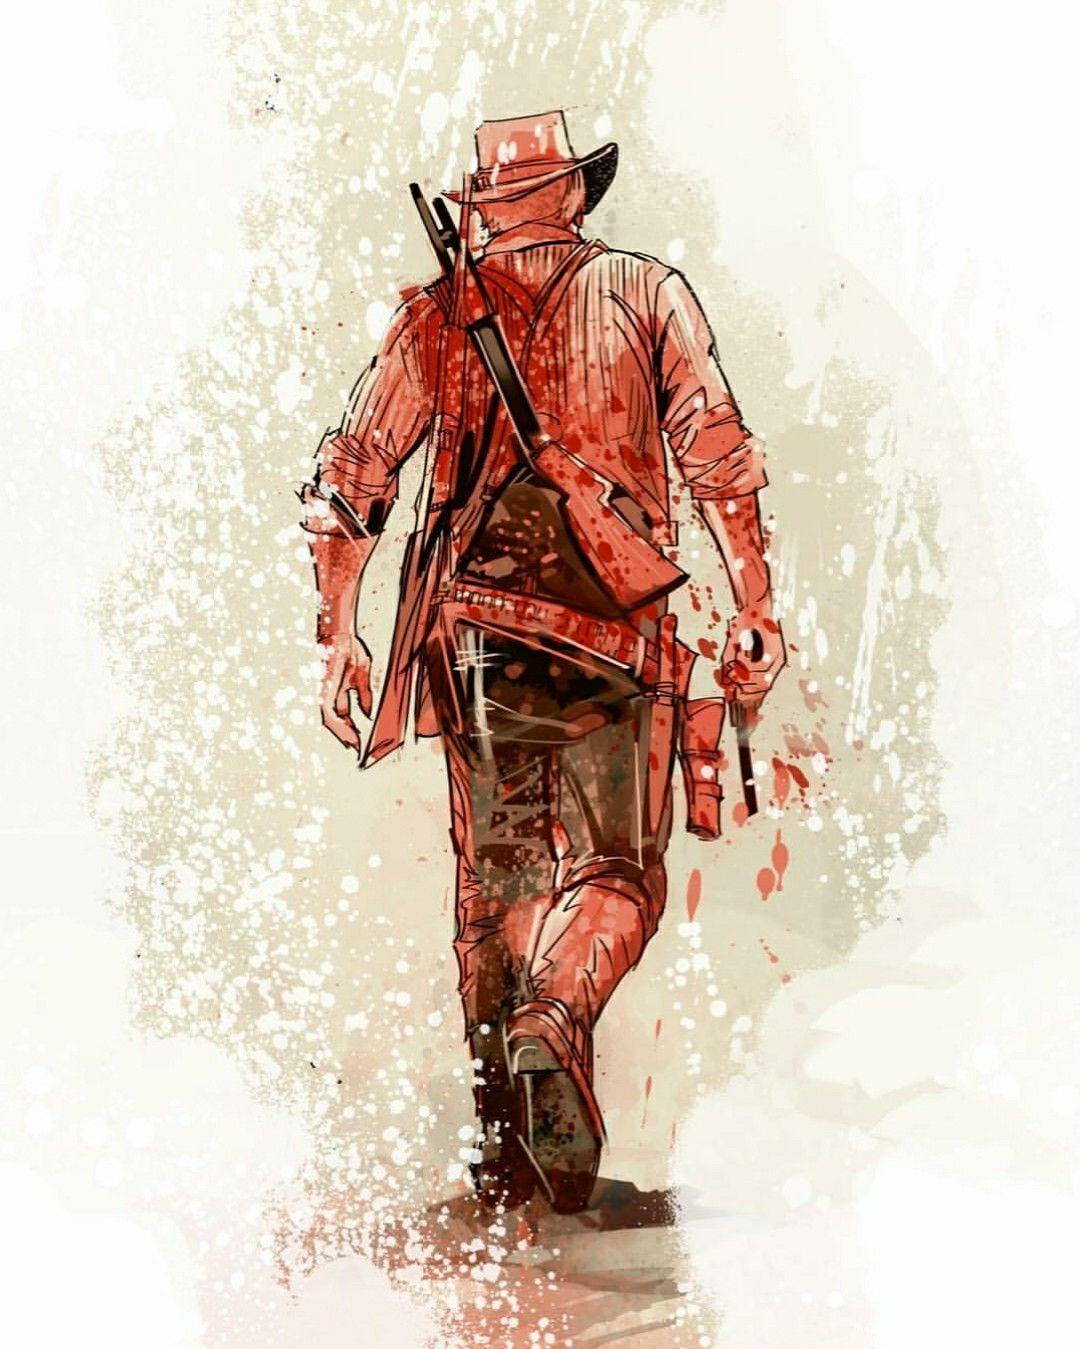 Red Dead Redemption Wallpaper Hd: Arthur Morgan / Venamis